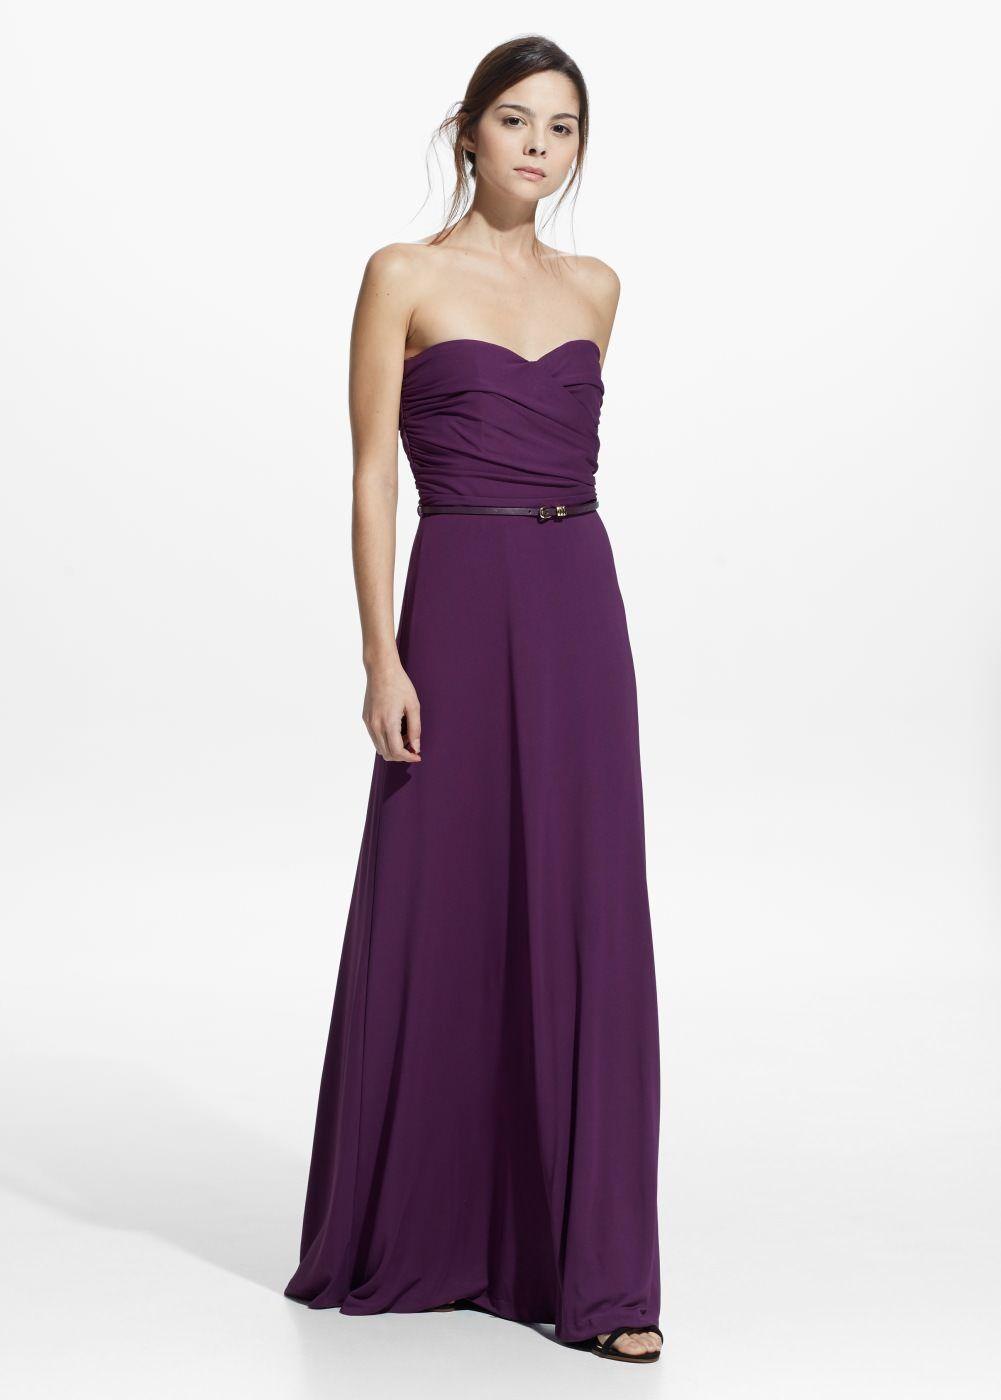 Vestido largo drapeado - Mujer | Drapeado, Vestido largo y Vestiditos